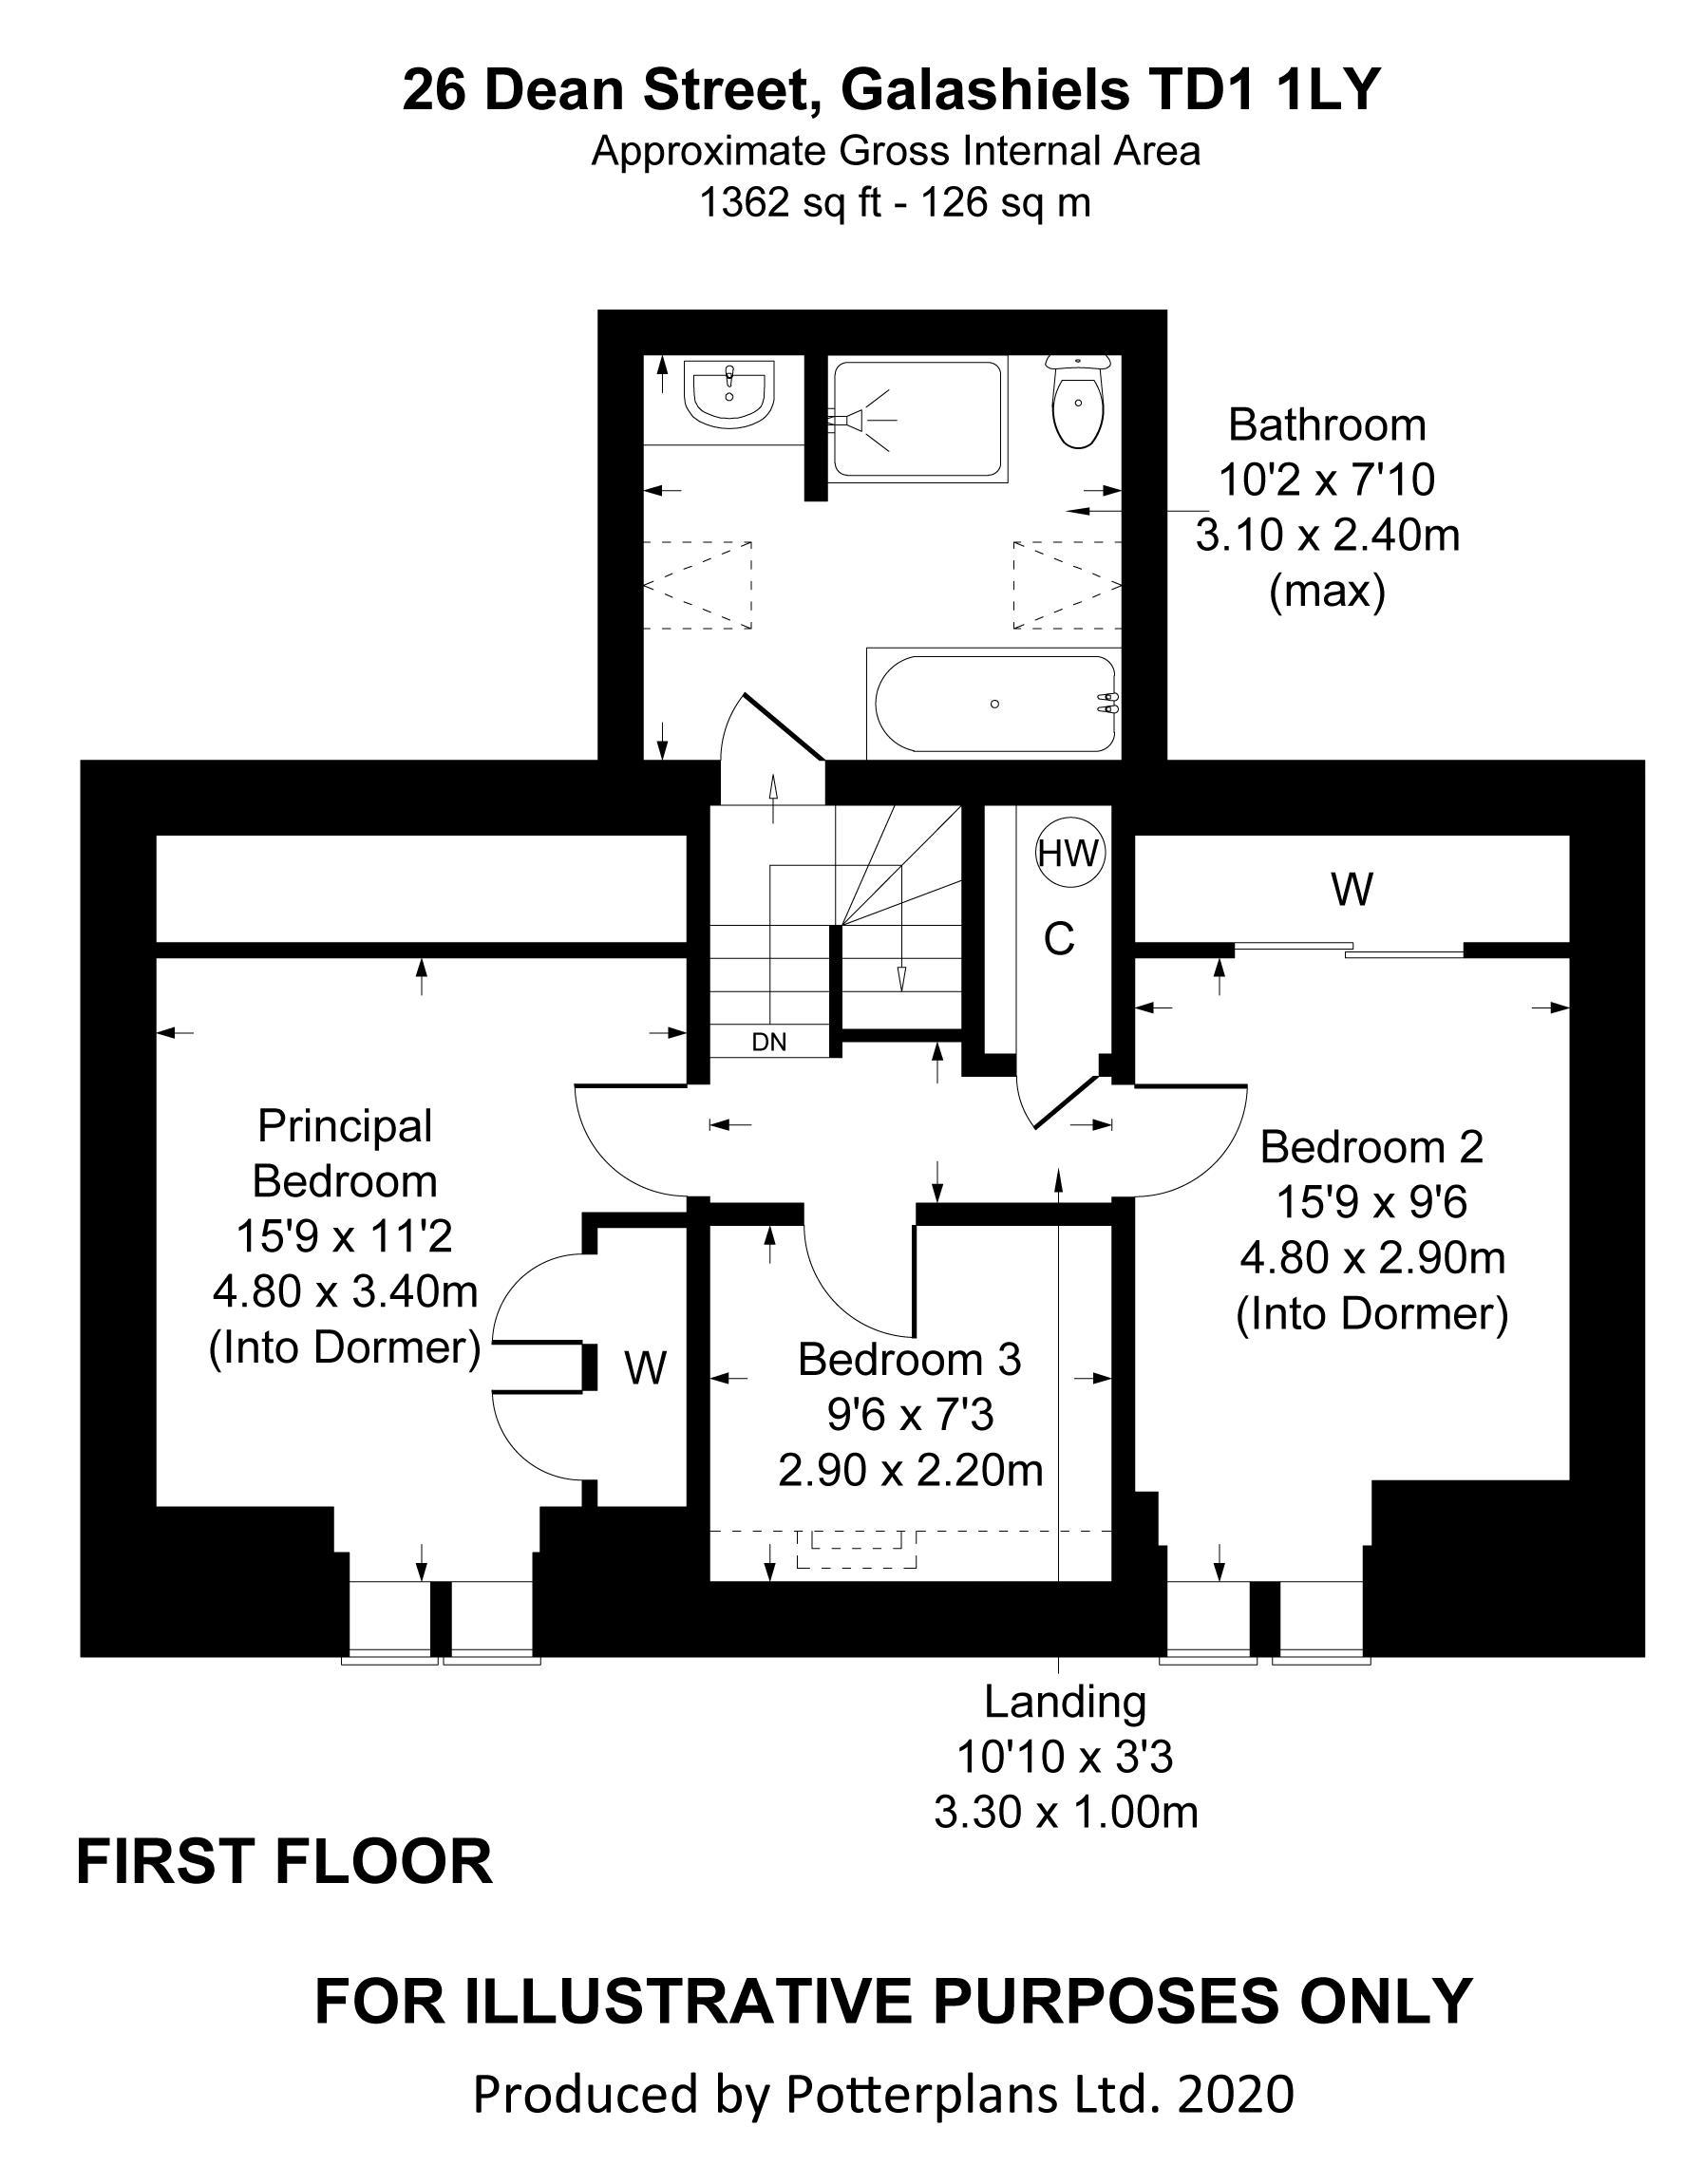 26 Dean Street First Floor